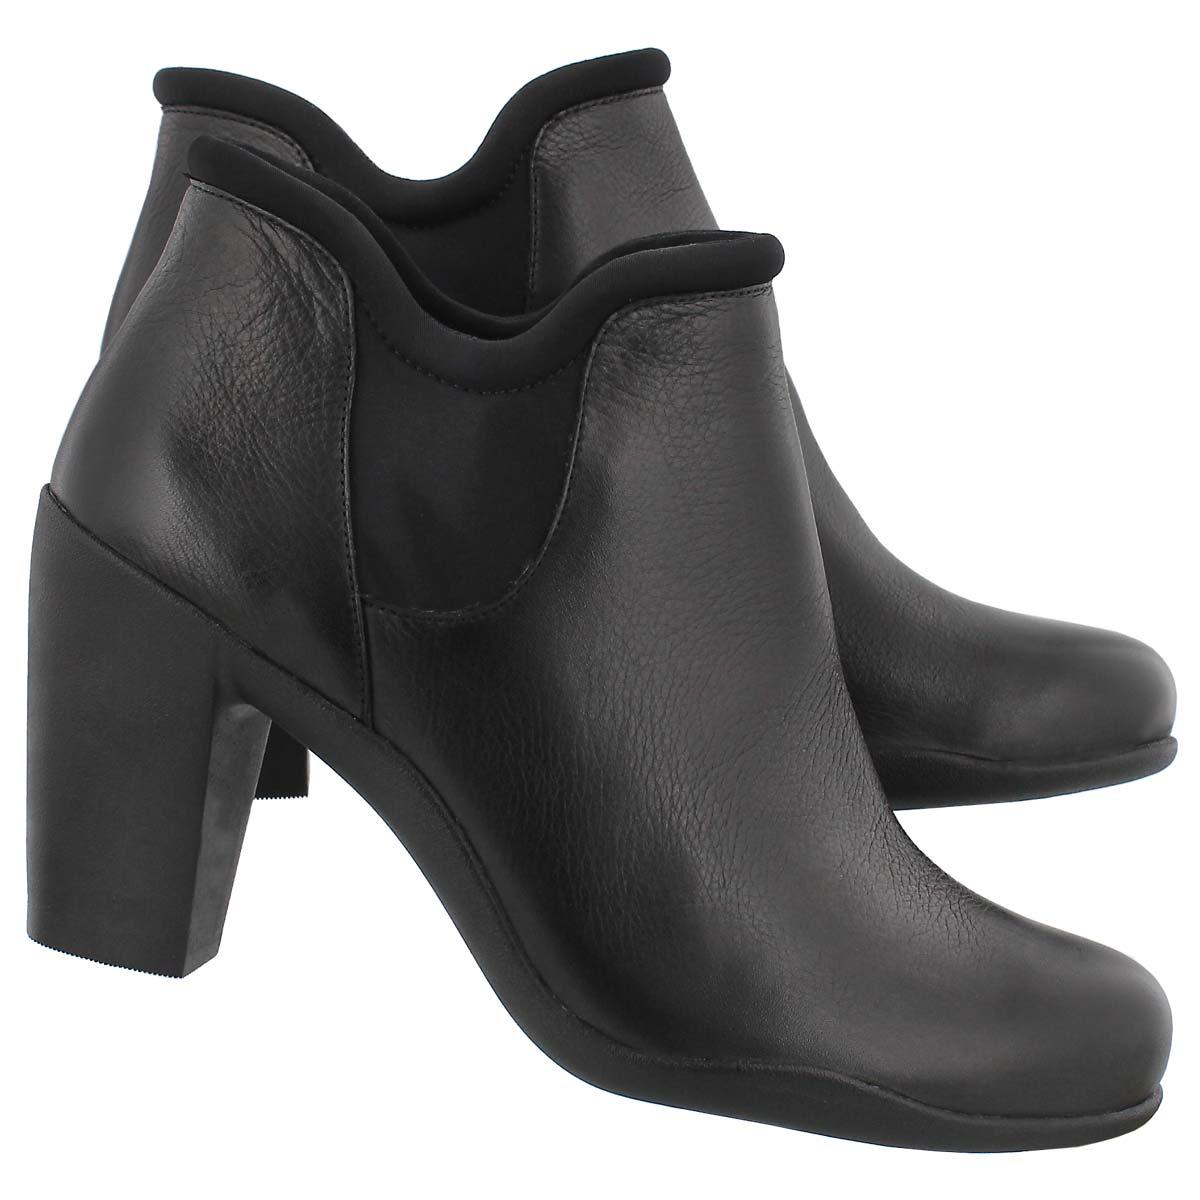 Lds Adya Bella black dress bootie